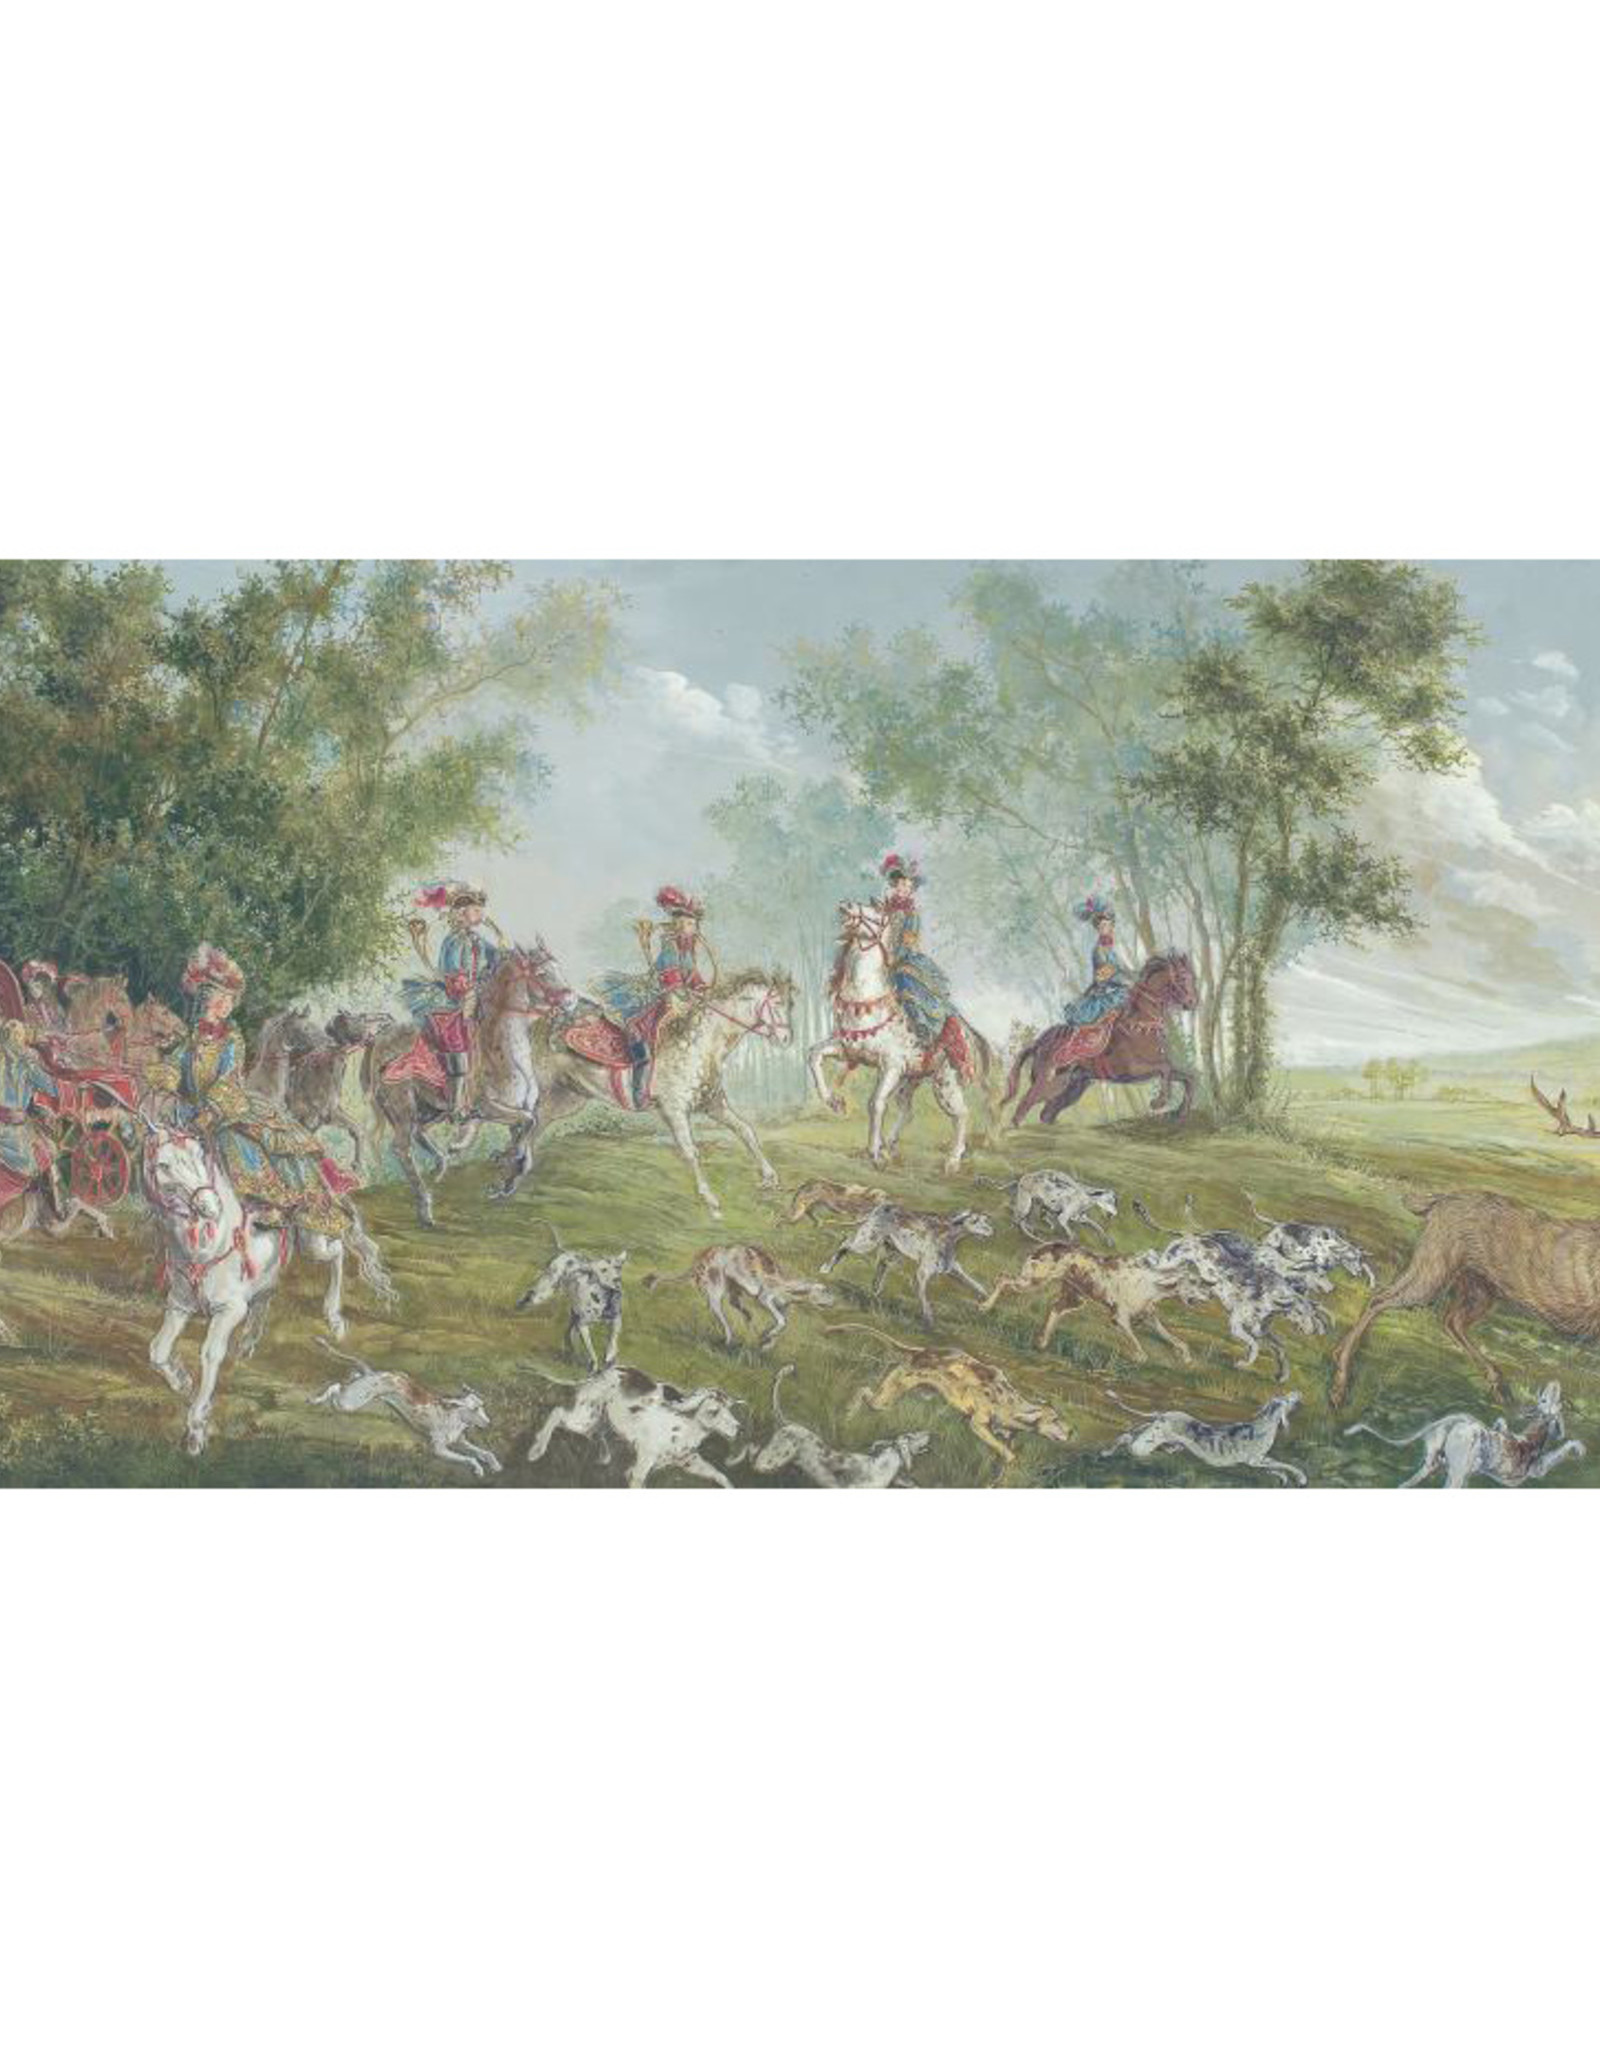 L-Versailles - La vie dans le grand Parc au temps de Louis XIV